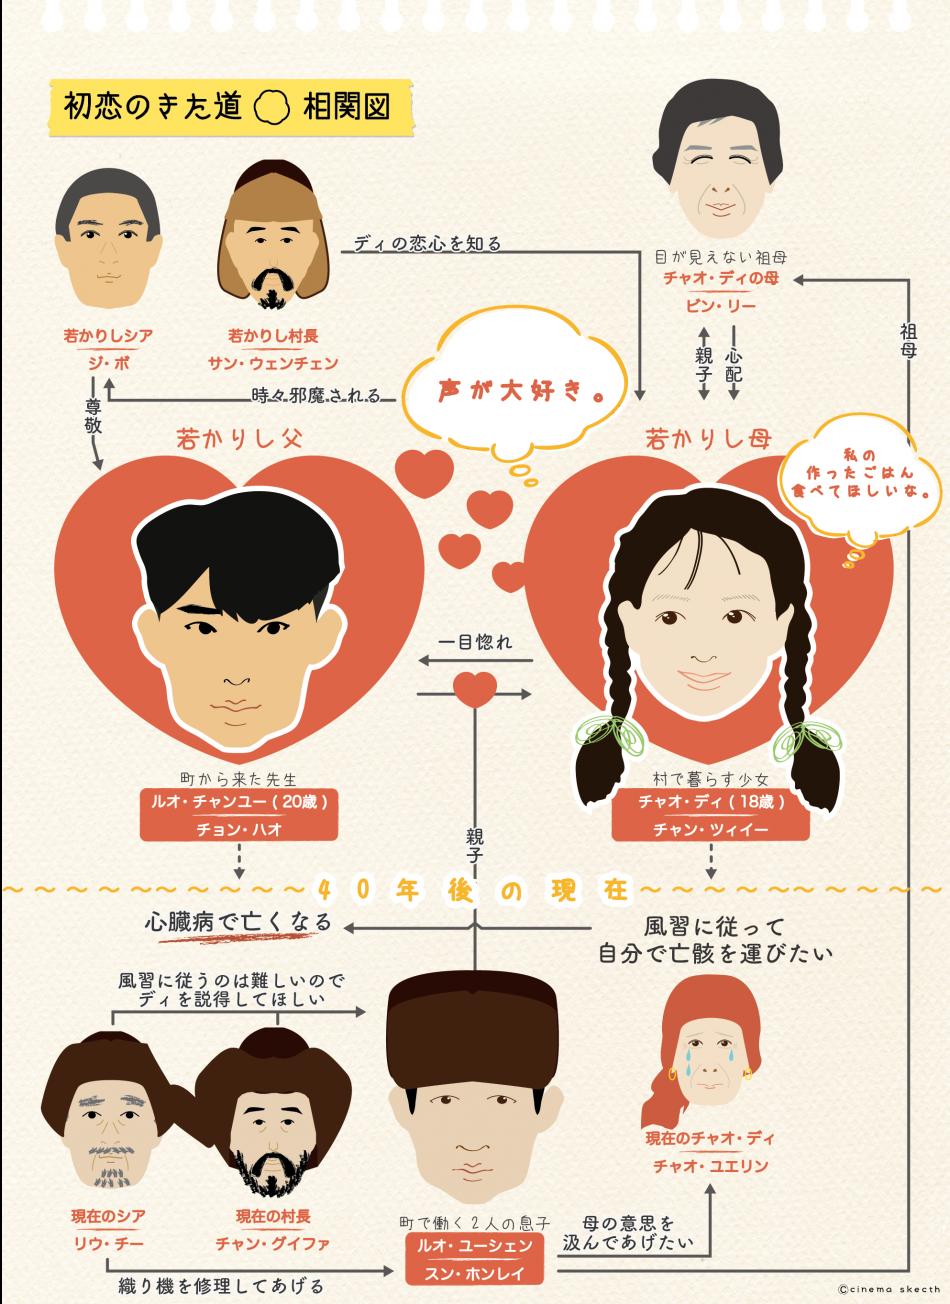 映画『初恋のきた道』の相関図